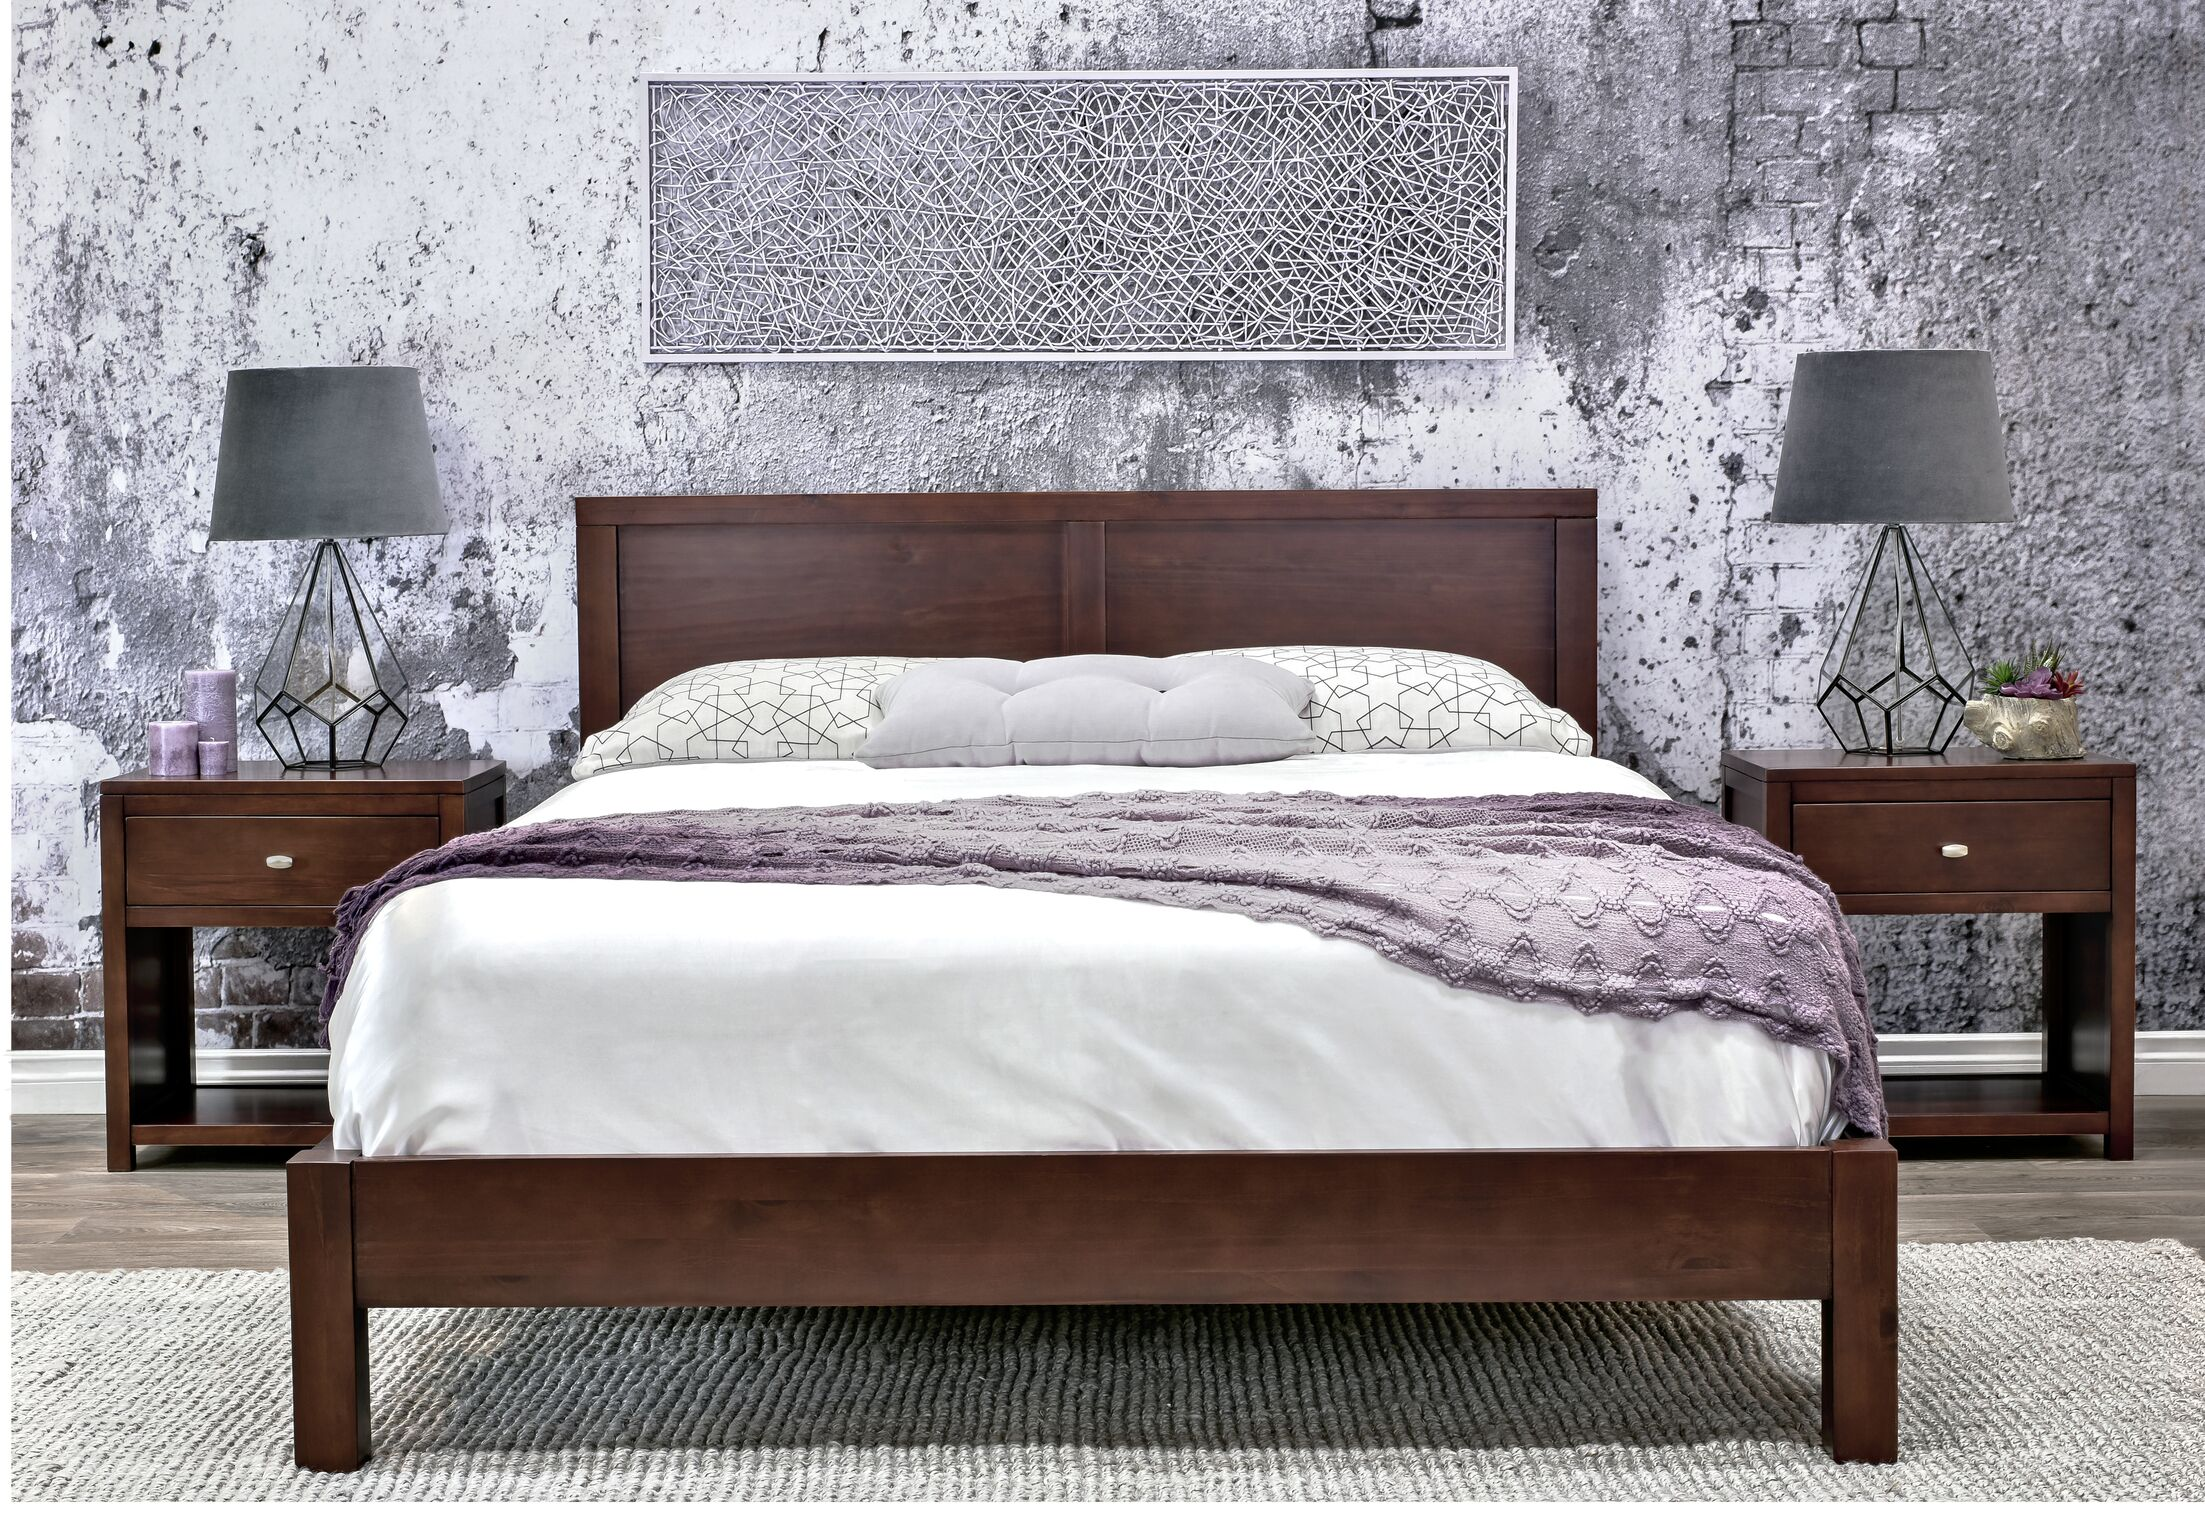 Erskine Platform Bed Size: Full